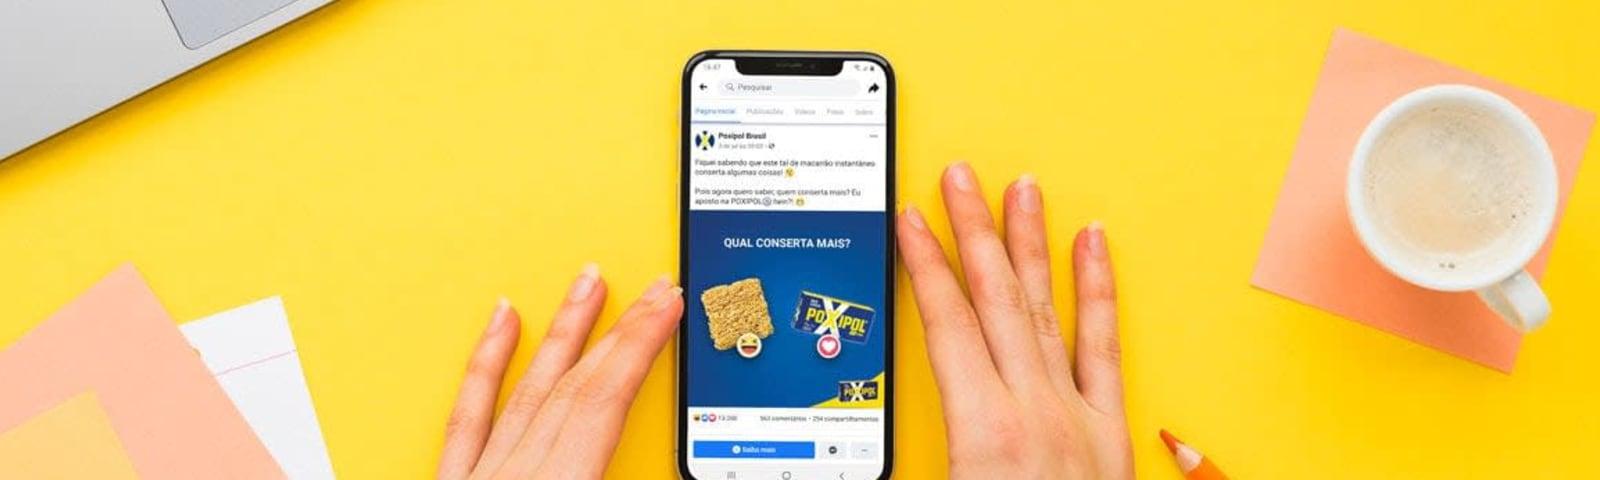 Imagem de destaque do post O que faz um social media: Marke e POXIPOL® Brasil nas redes sociais